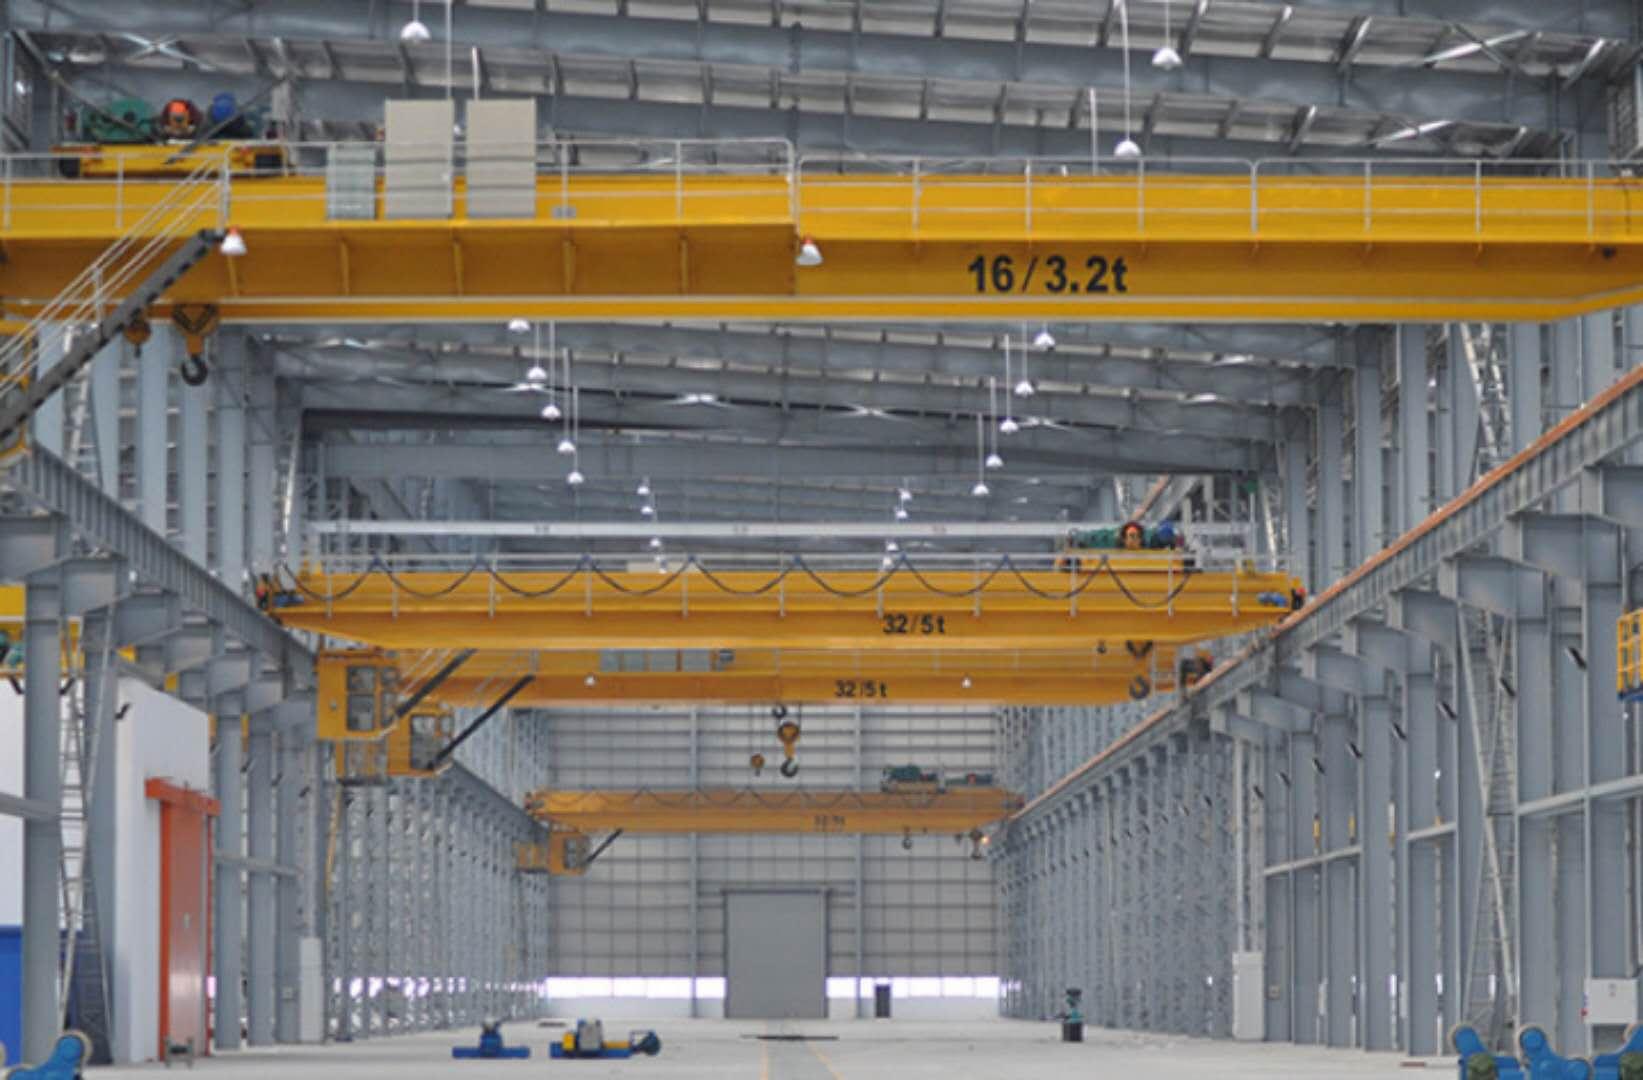 集设计、施工、安装、于一体建设集团公司,公司销售和生产钢结构材料等项目、承接钢结构工程